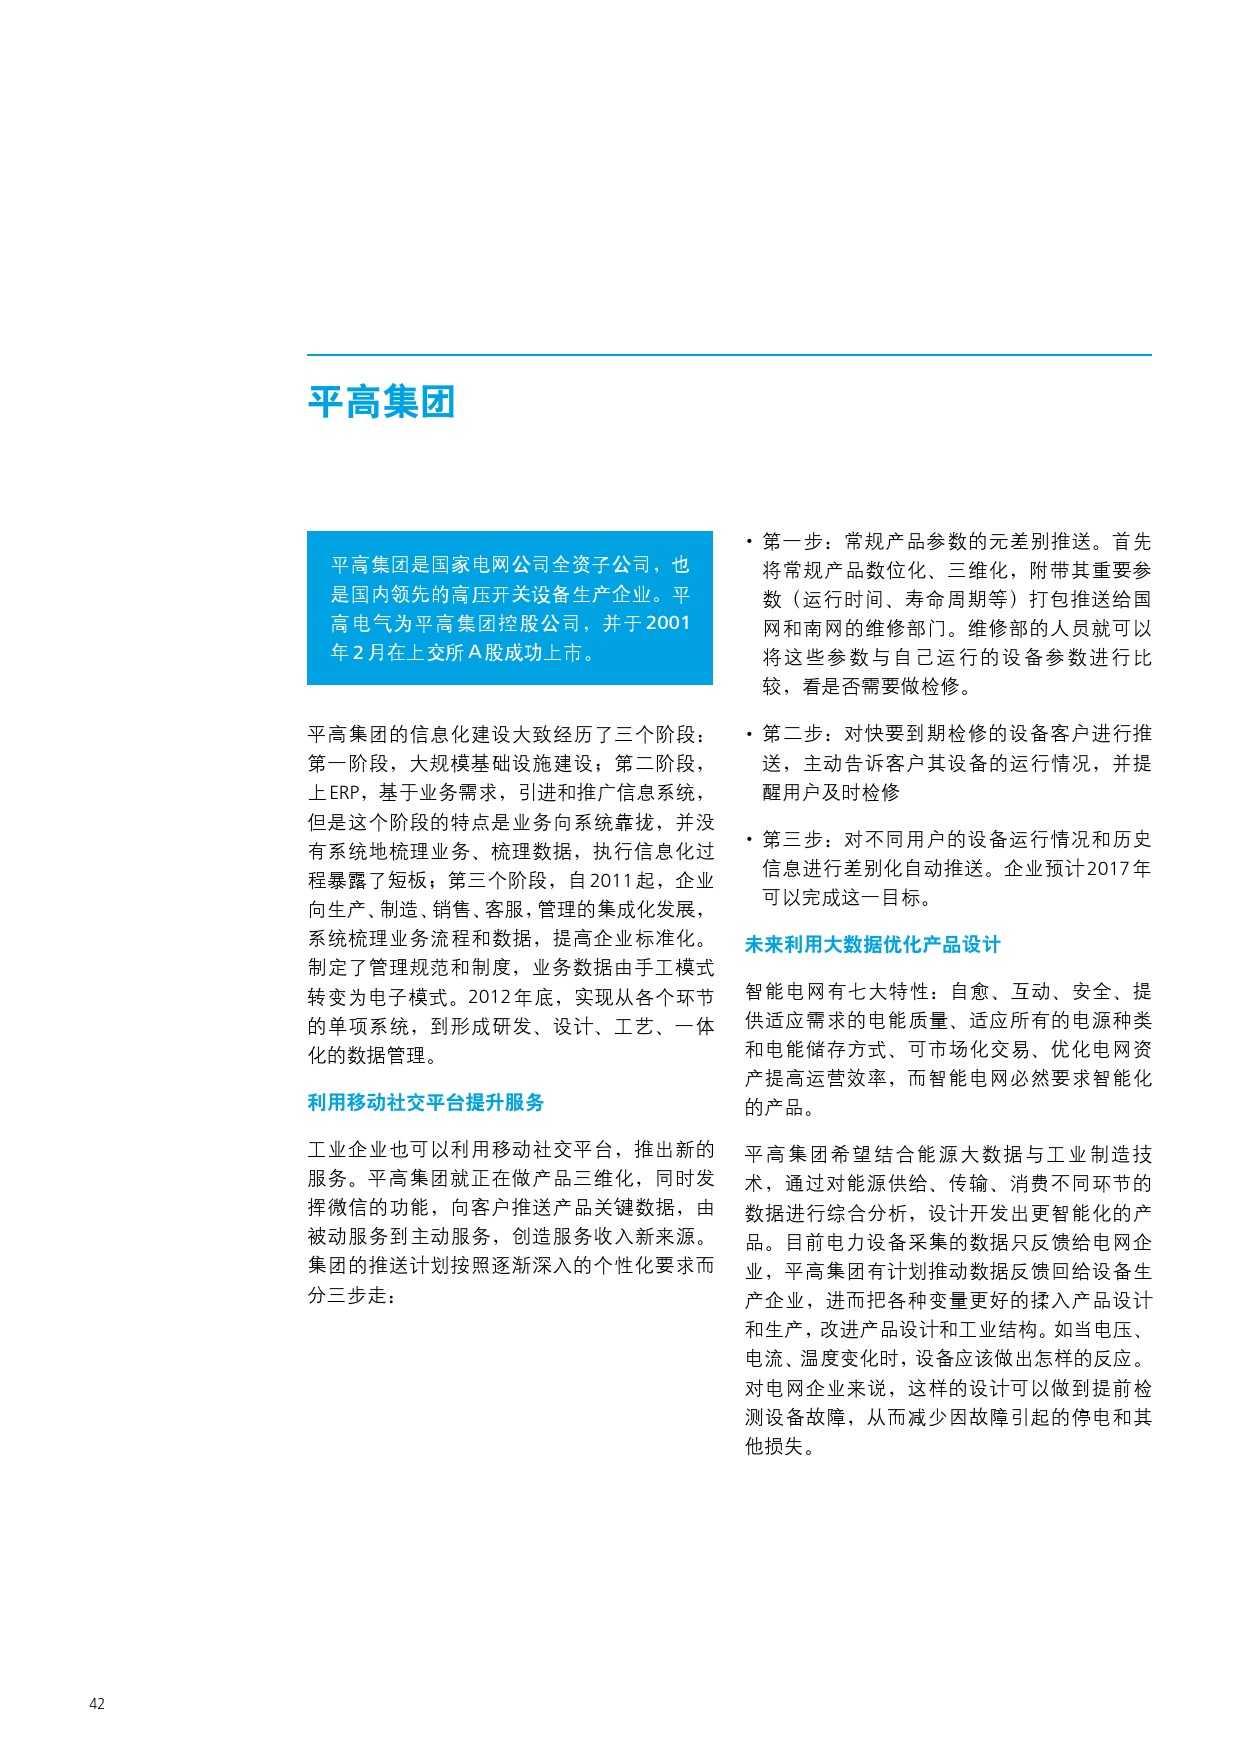 2015年中国制造业企业信息化调查_000044